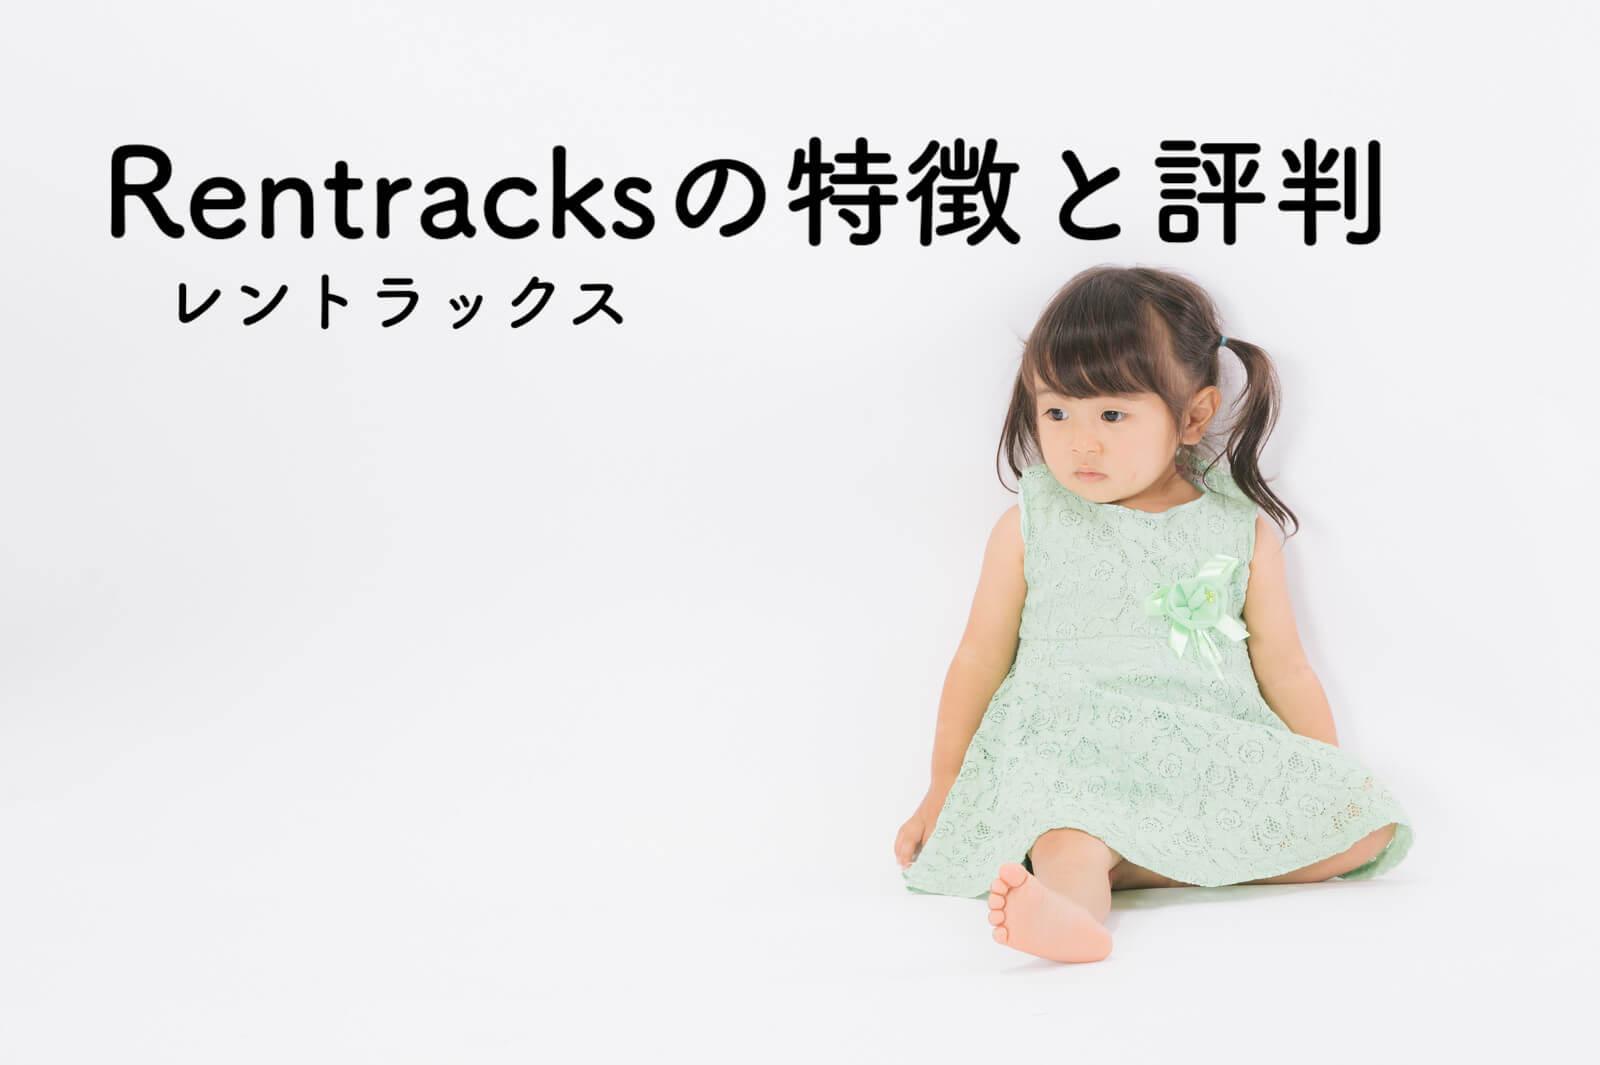 レントラックス(Rentracks)とは|ASPの特徴と評判